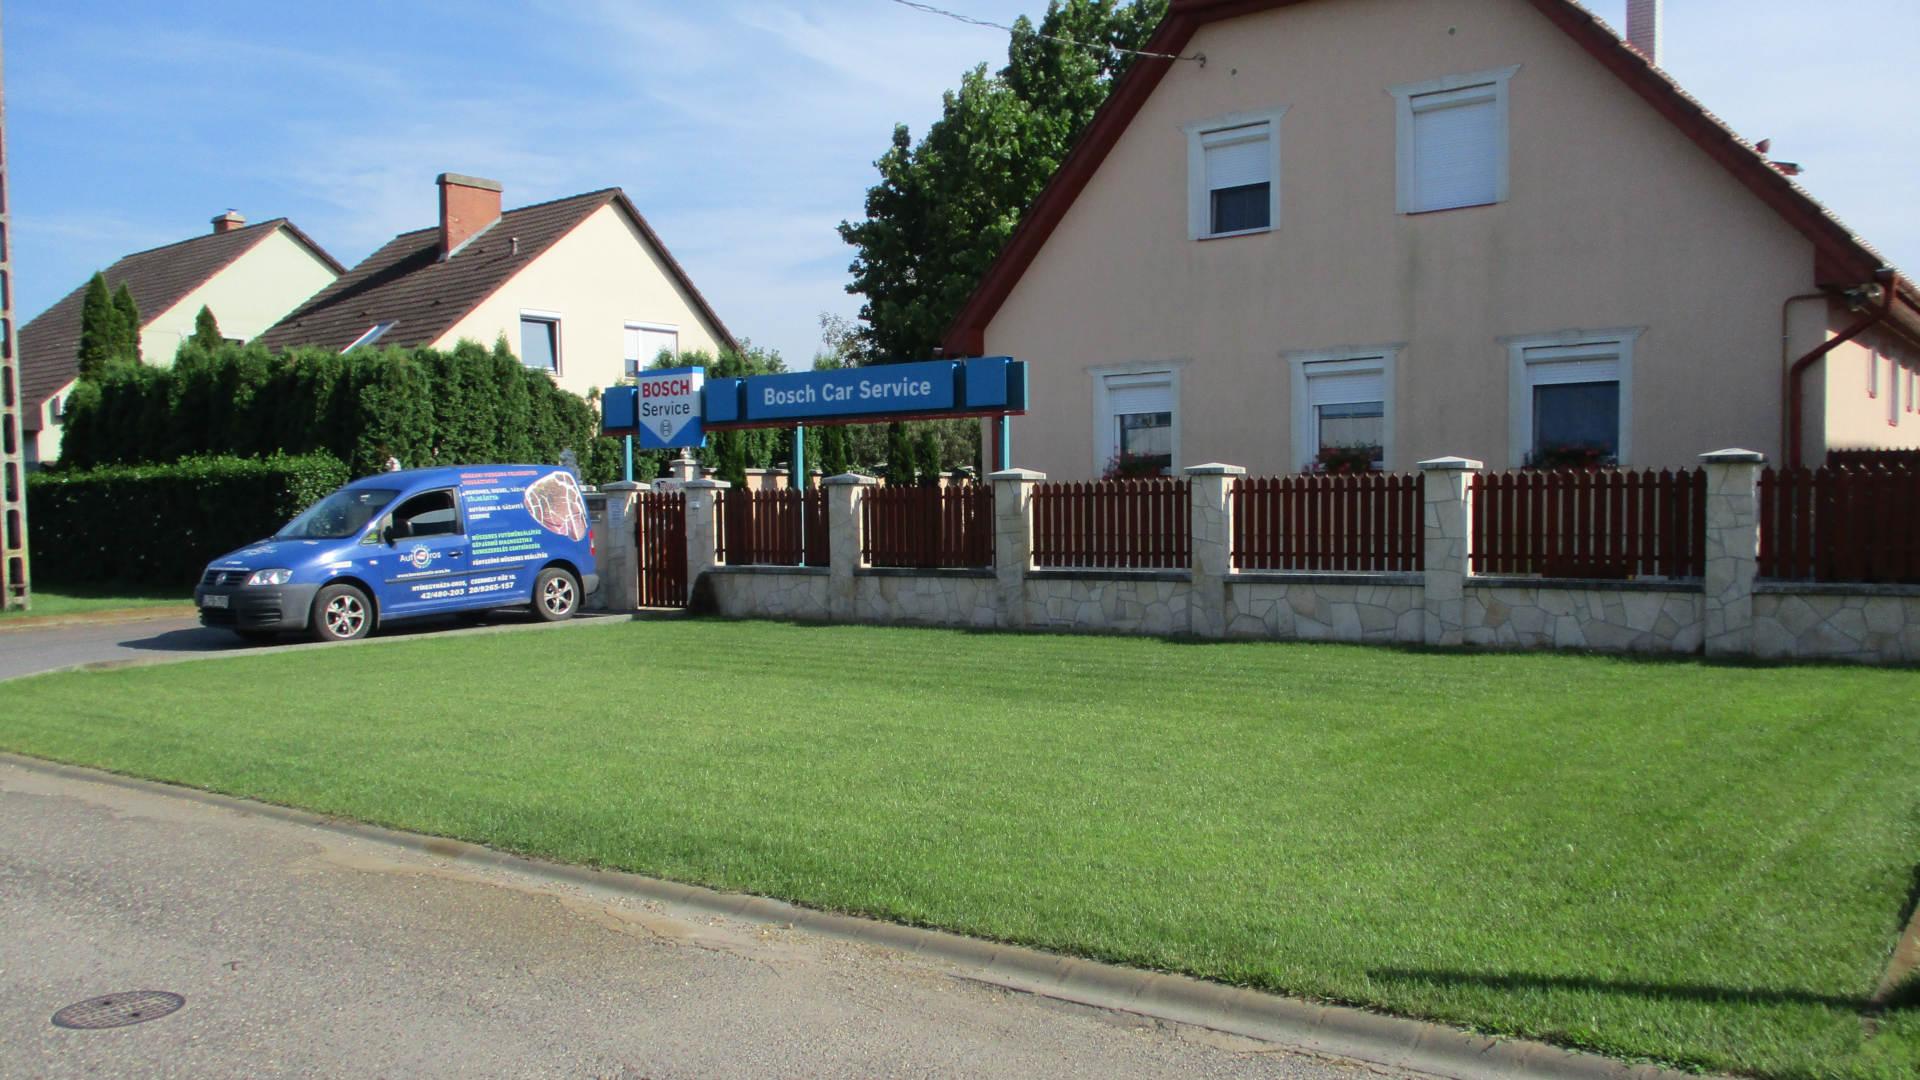 Kovács Bosch Car Service